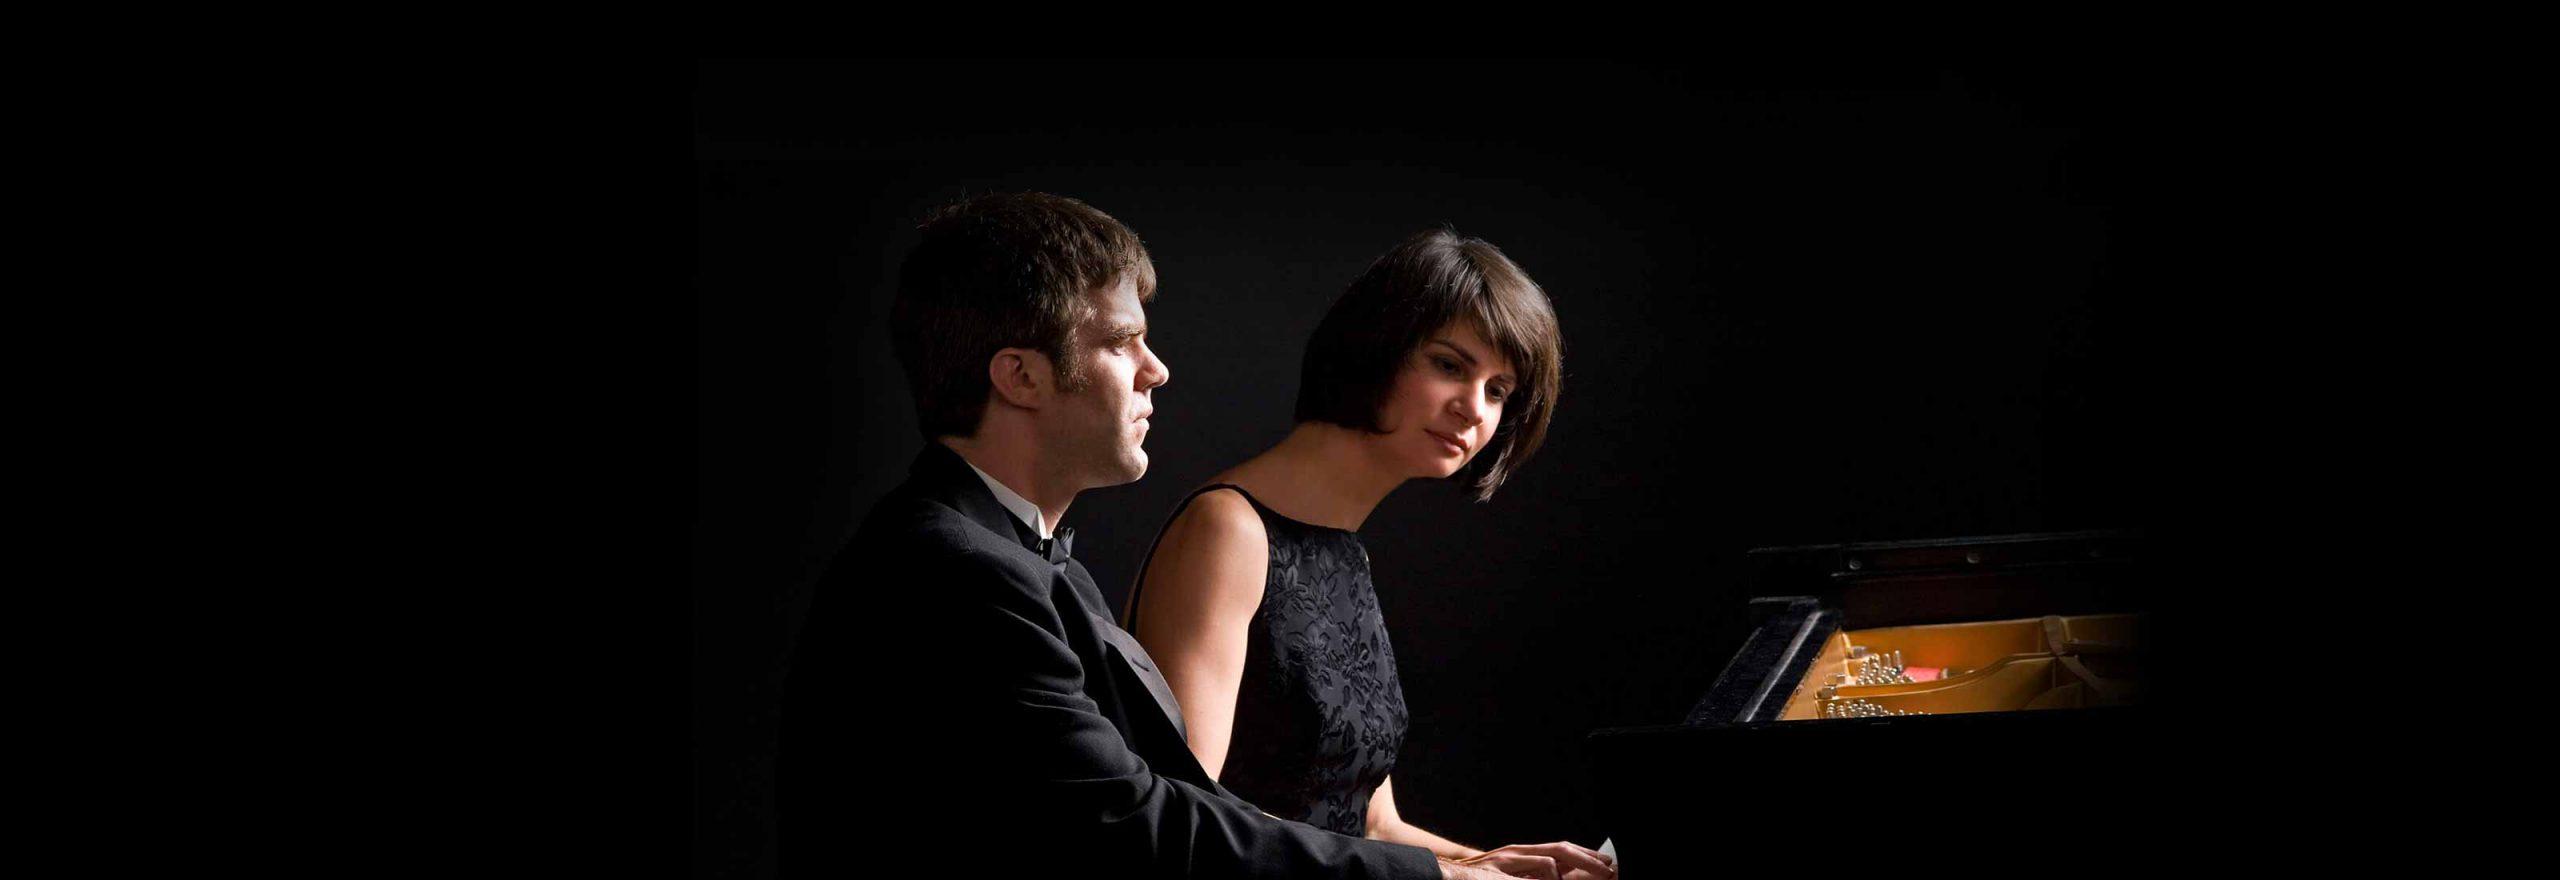 Lomazov/Rackers at piano